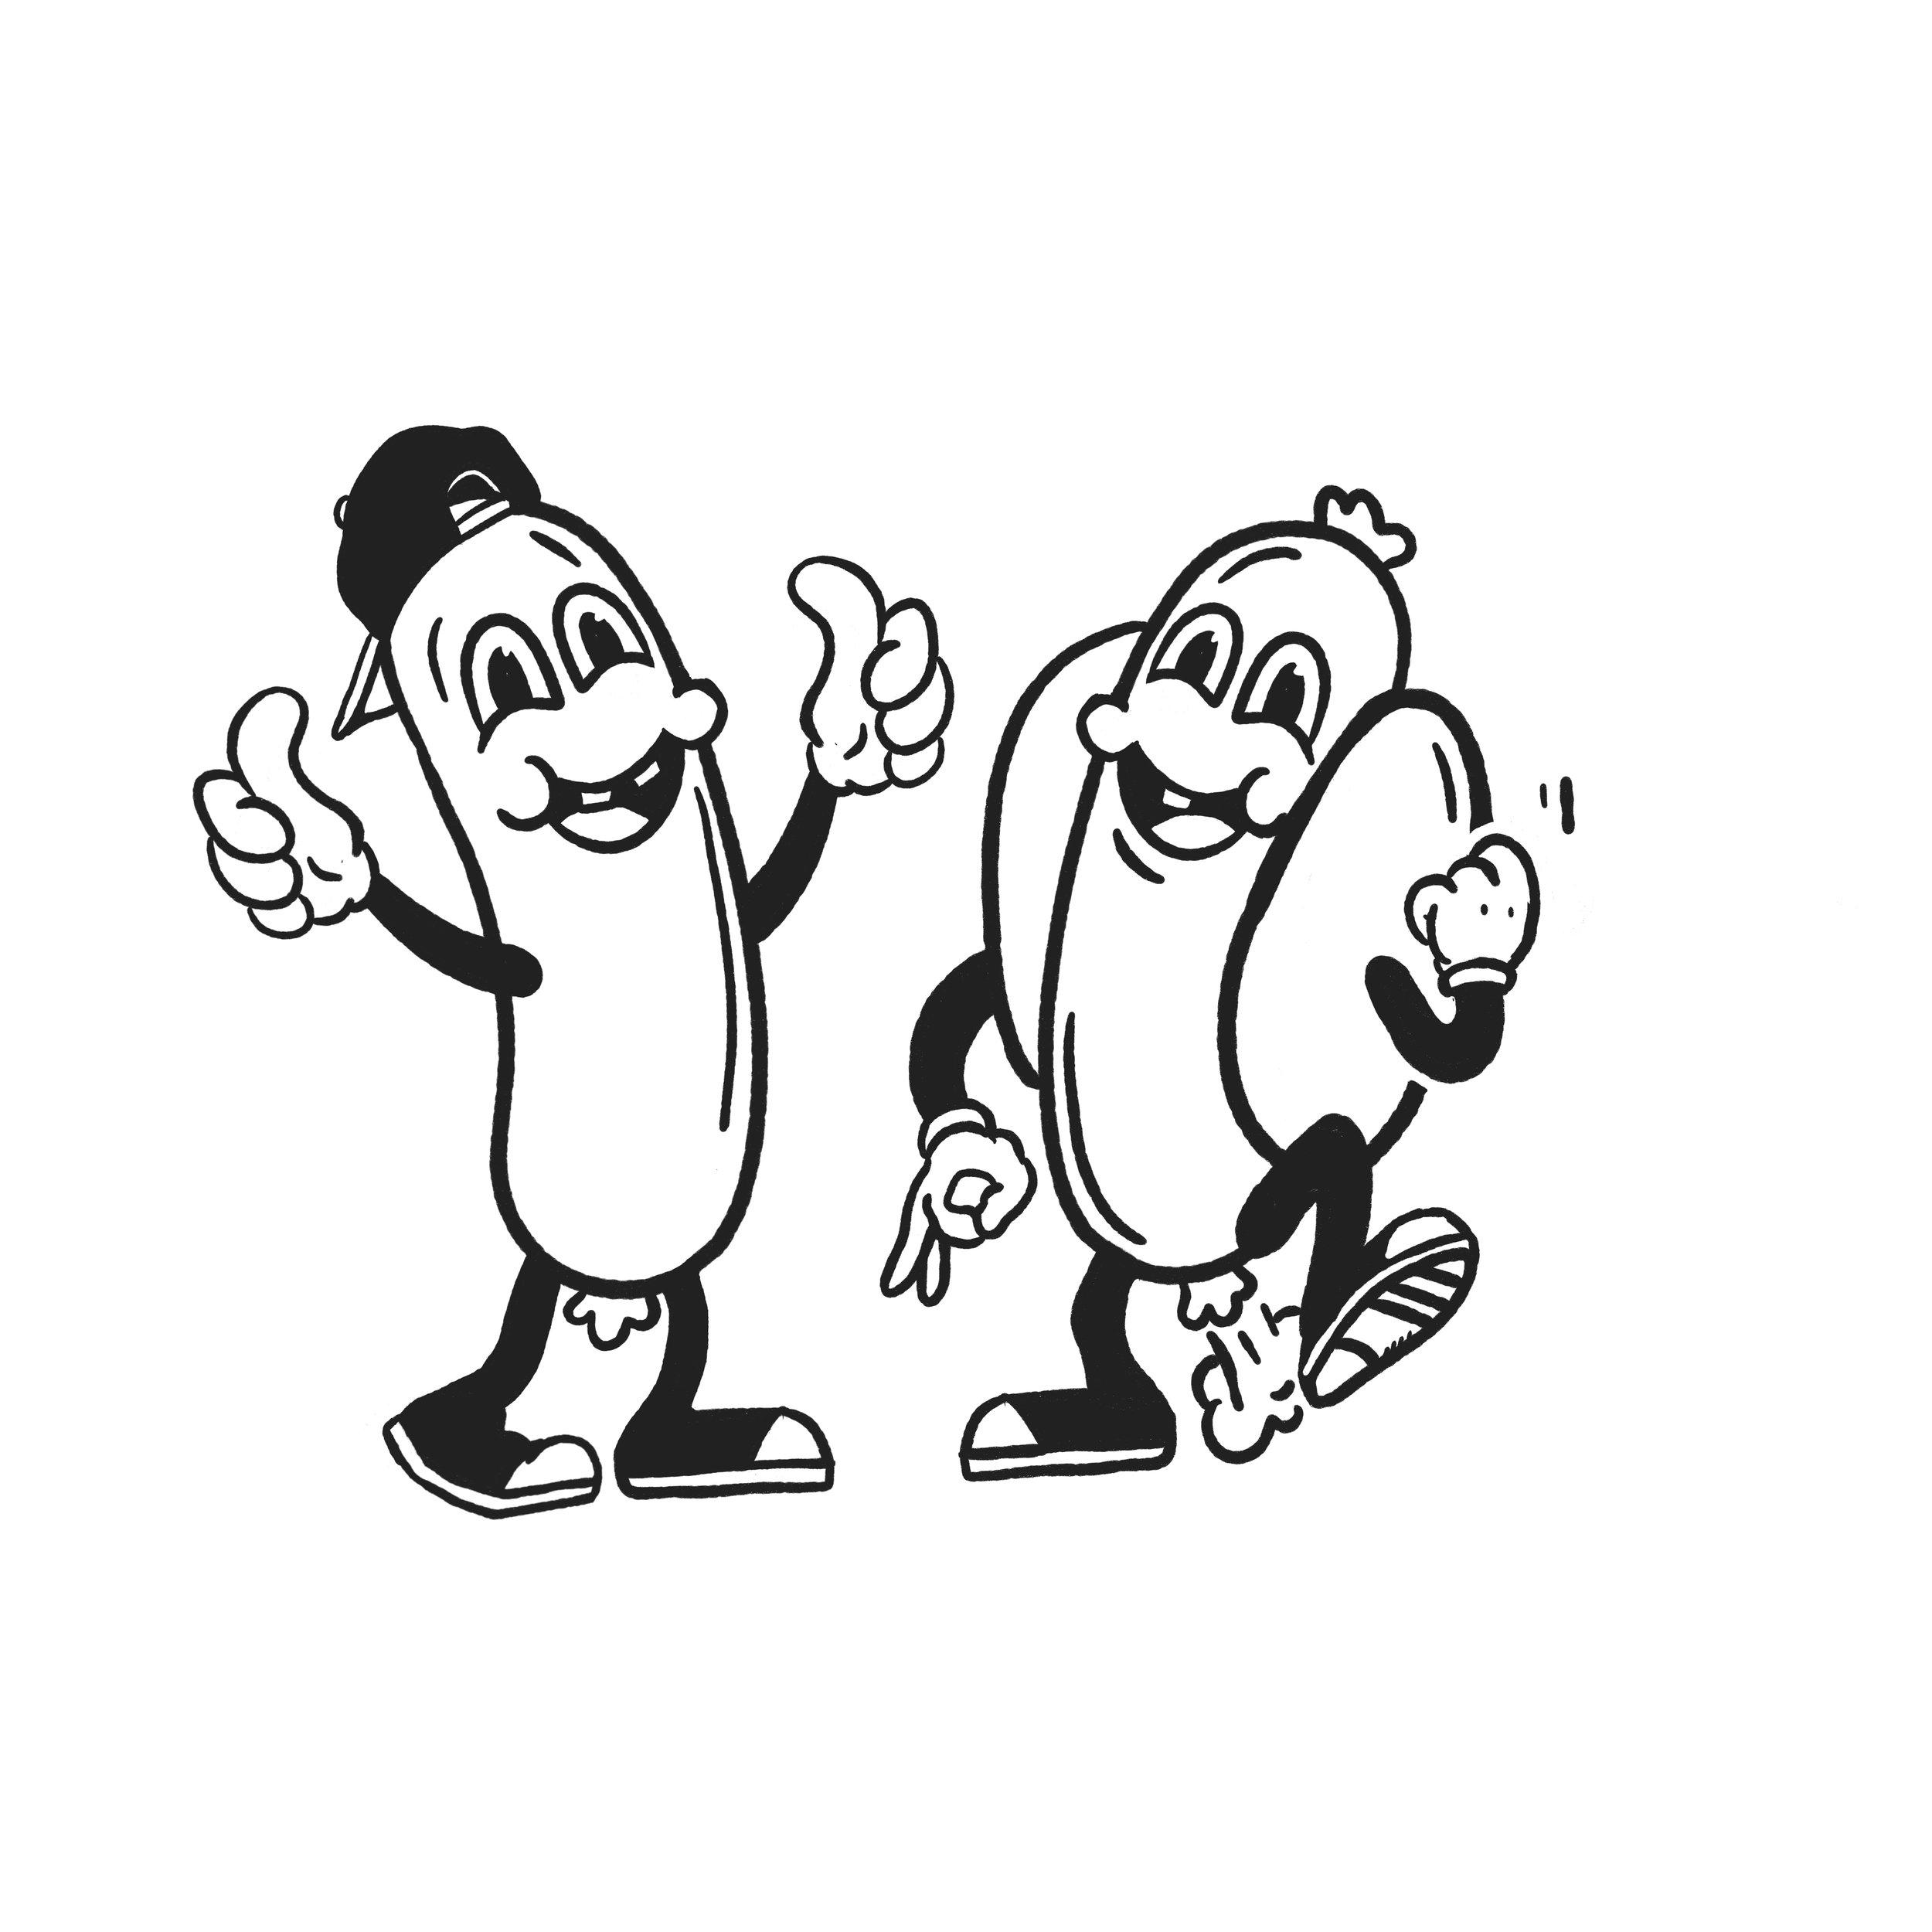 Bumsteers_Wiener_Twins.jpg